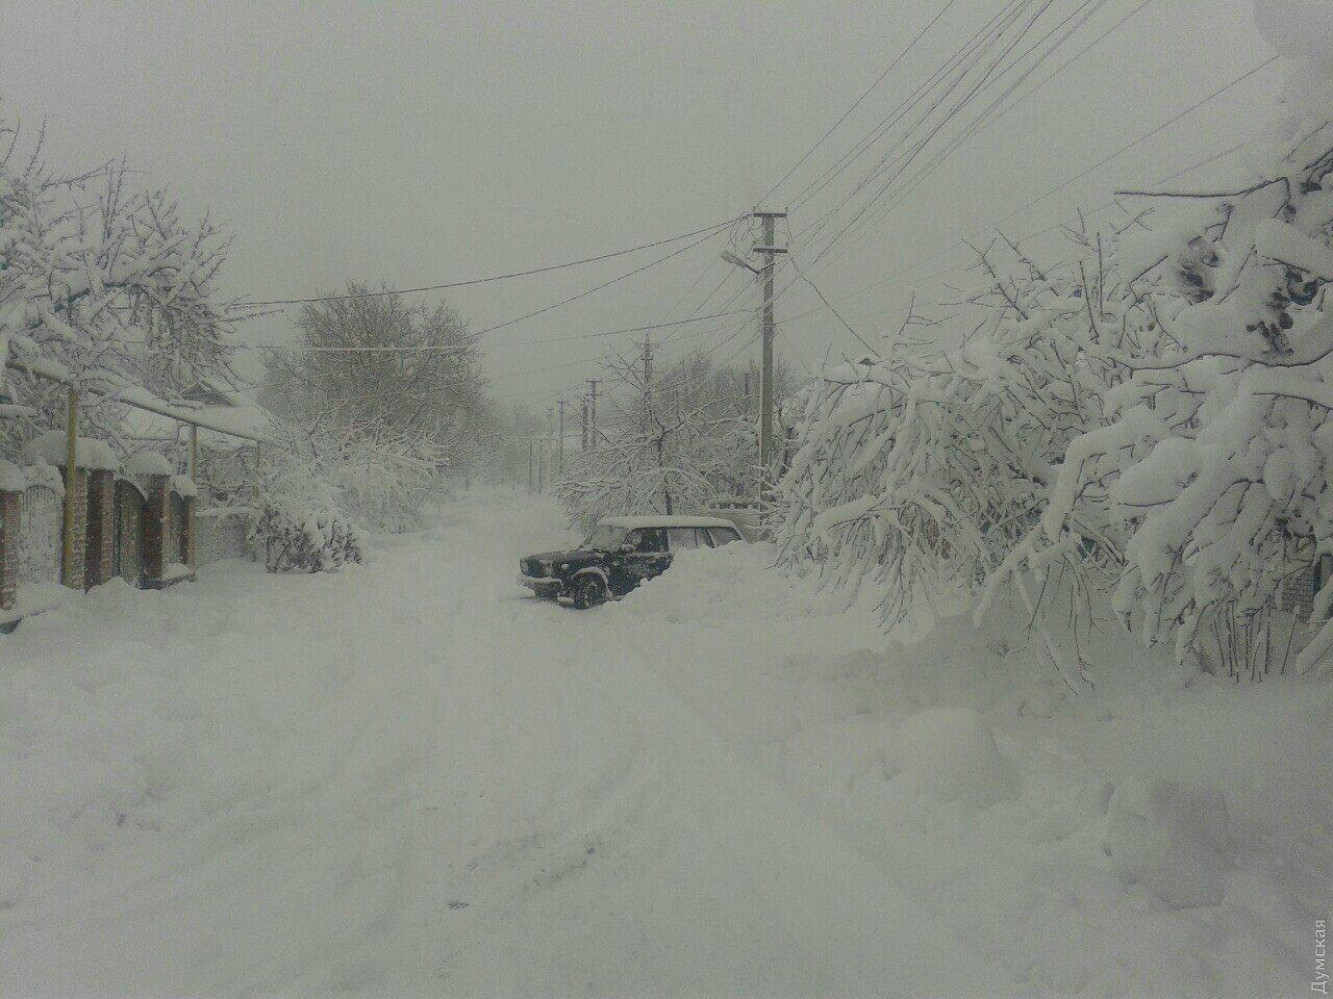 ВМЧС поРК поведали опричинах отключения электричества вКрыму